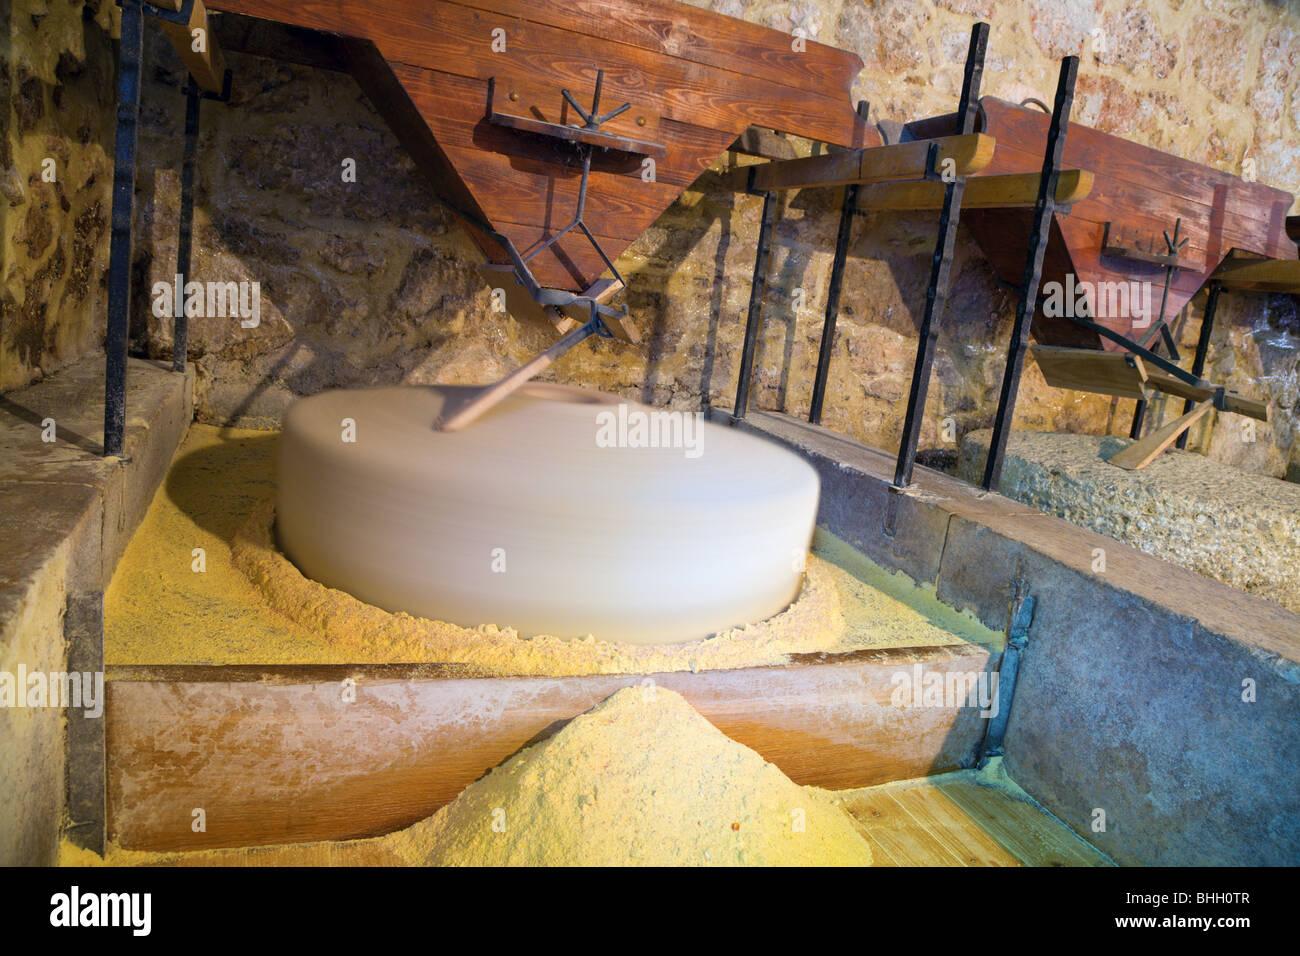 Maismehl in einer alten Mühle machen in historischen kroatischen Dorf Stockbild